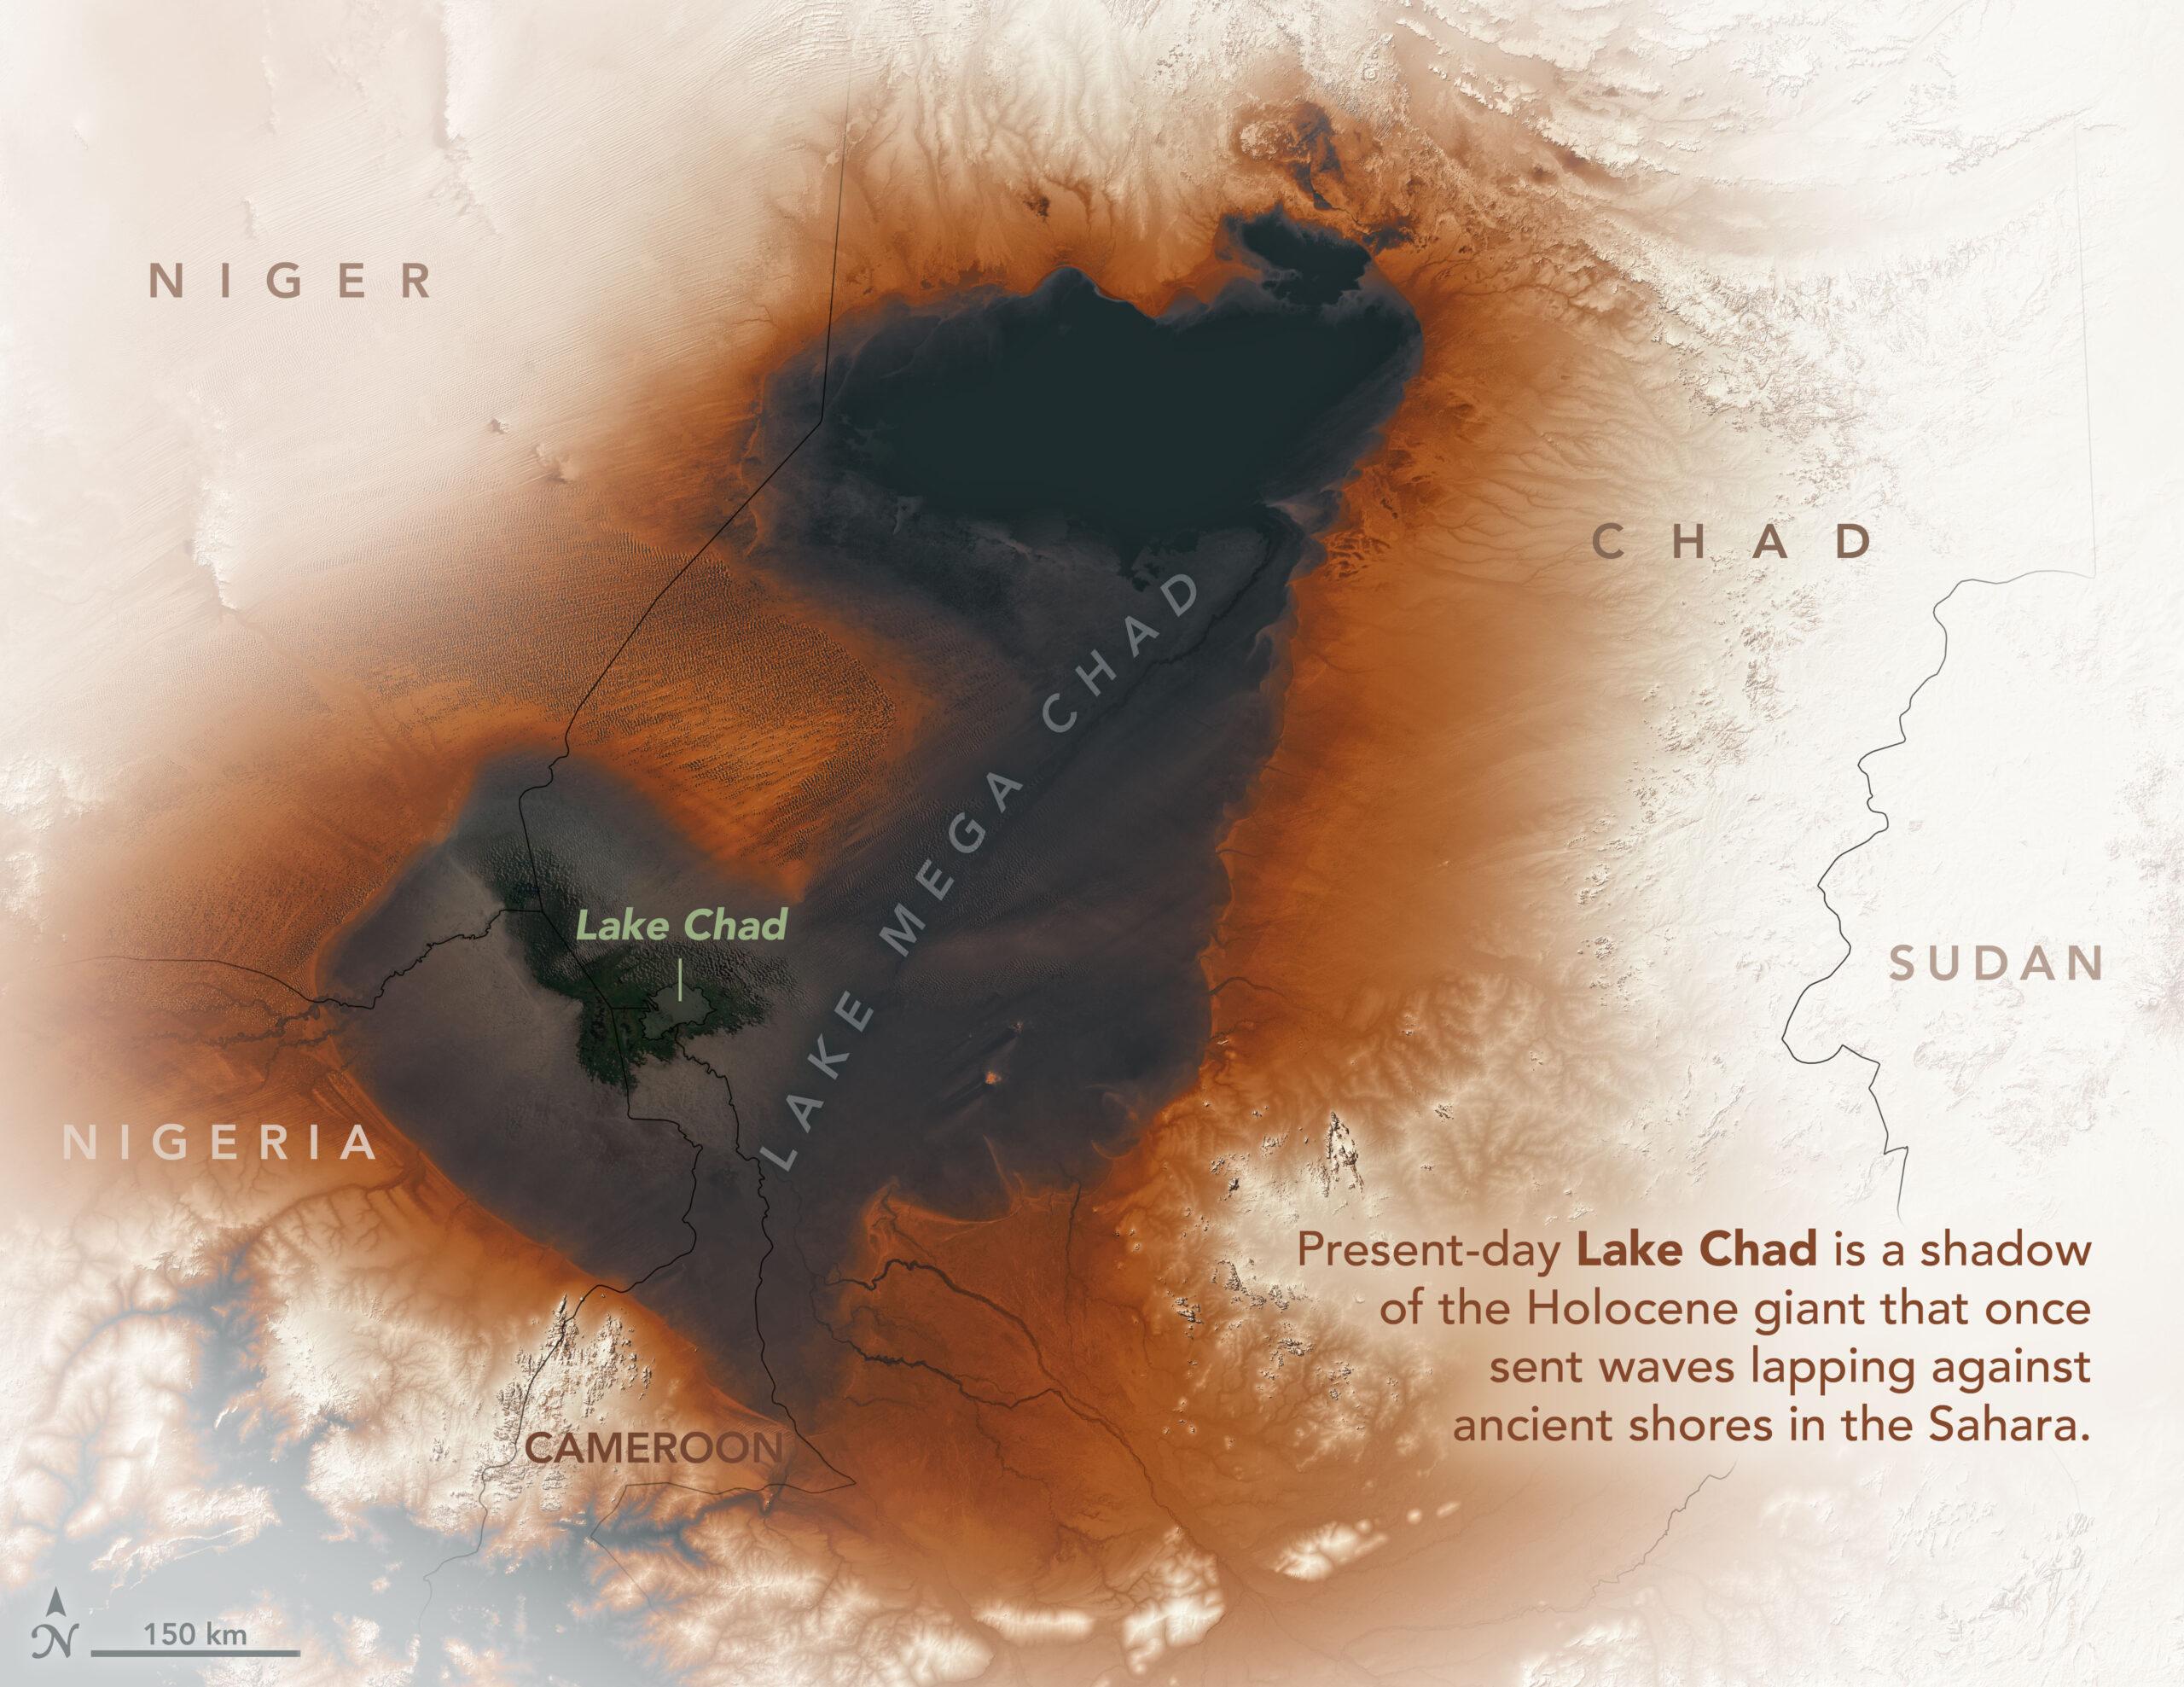 НАСА показало, как выглядят остатки огромного древнего озера в Сахаре